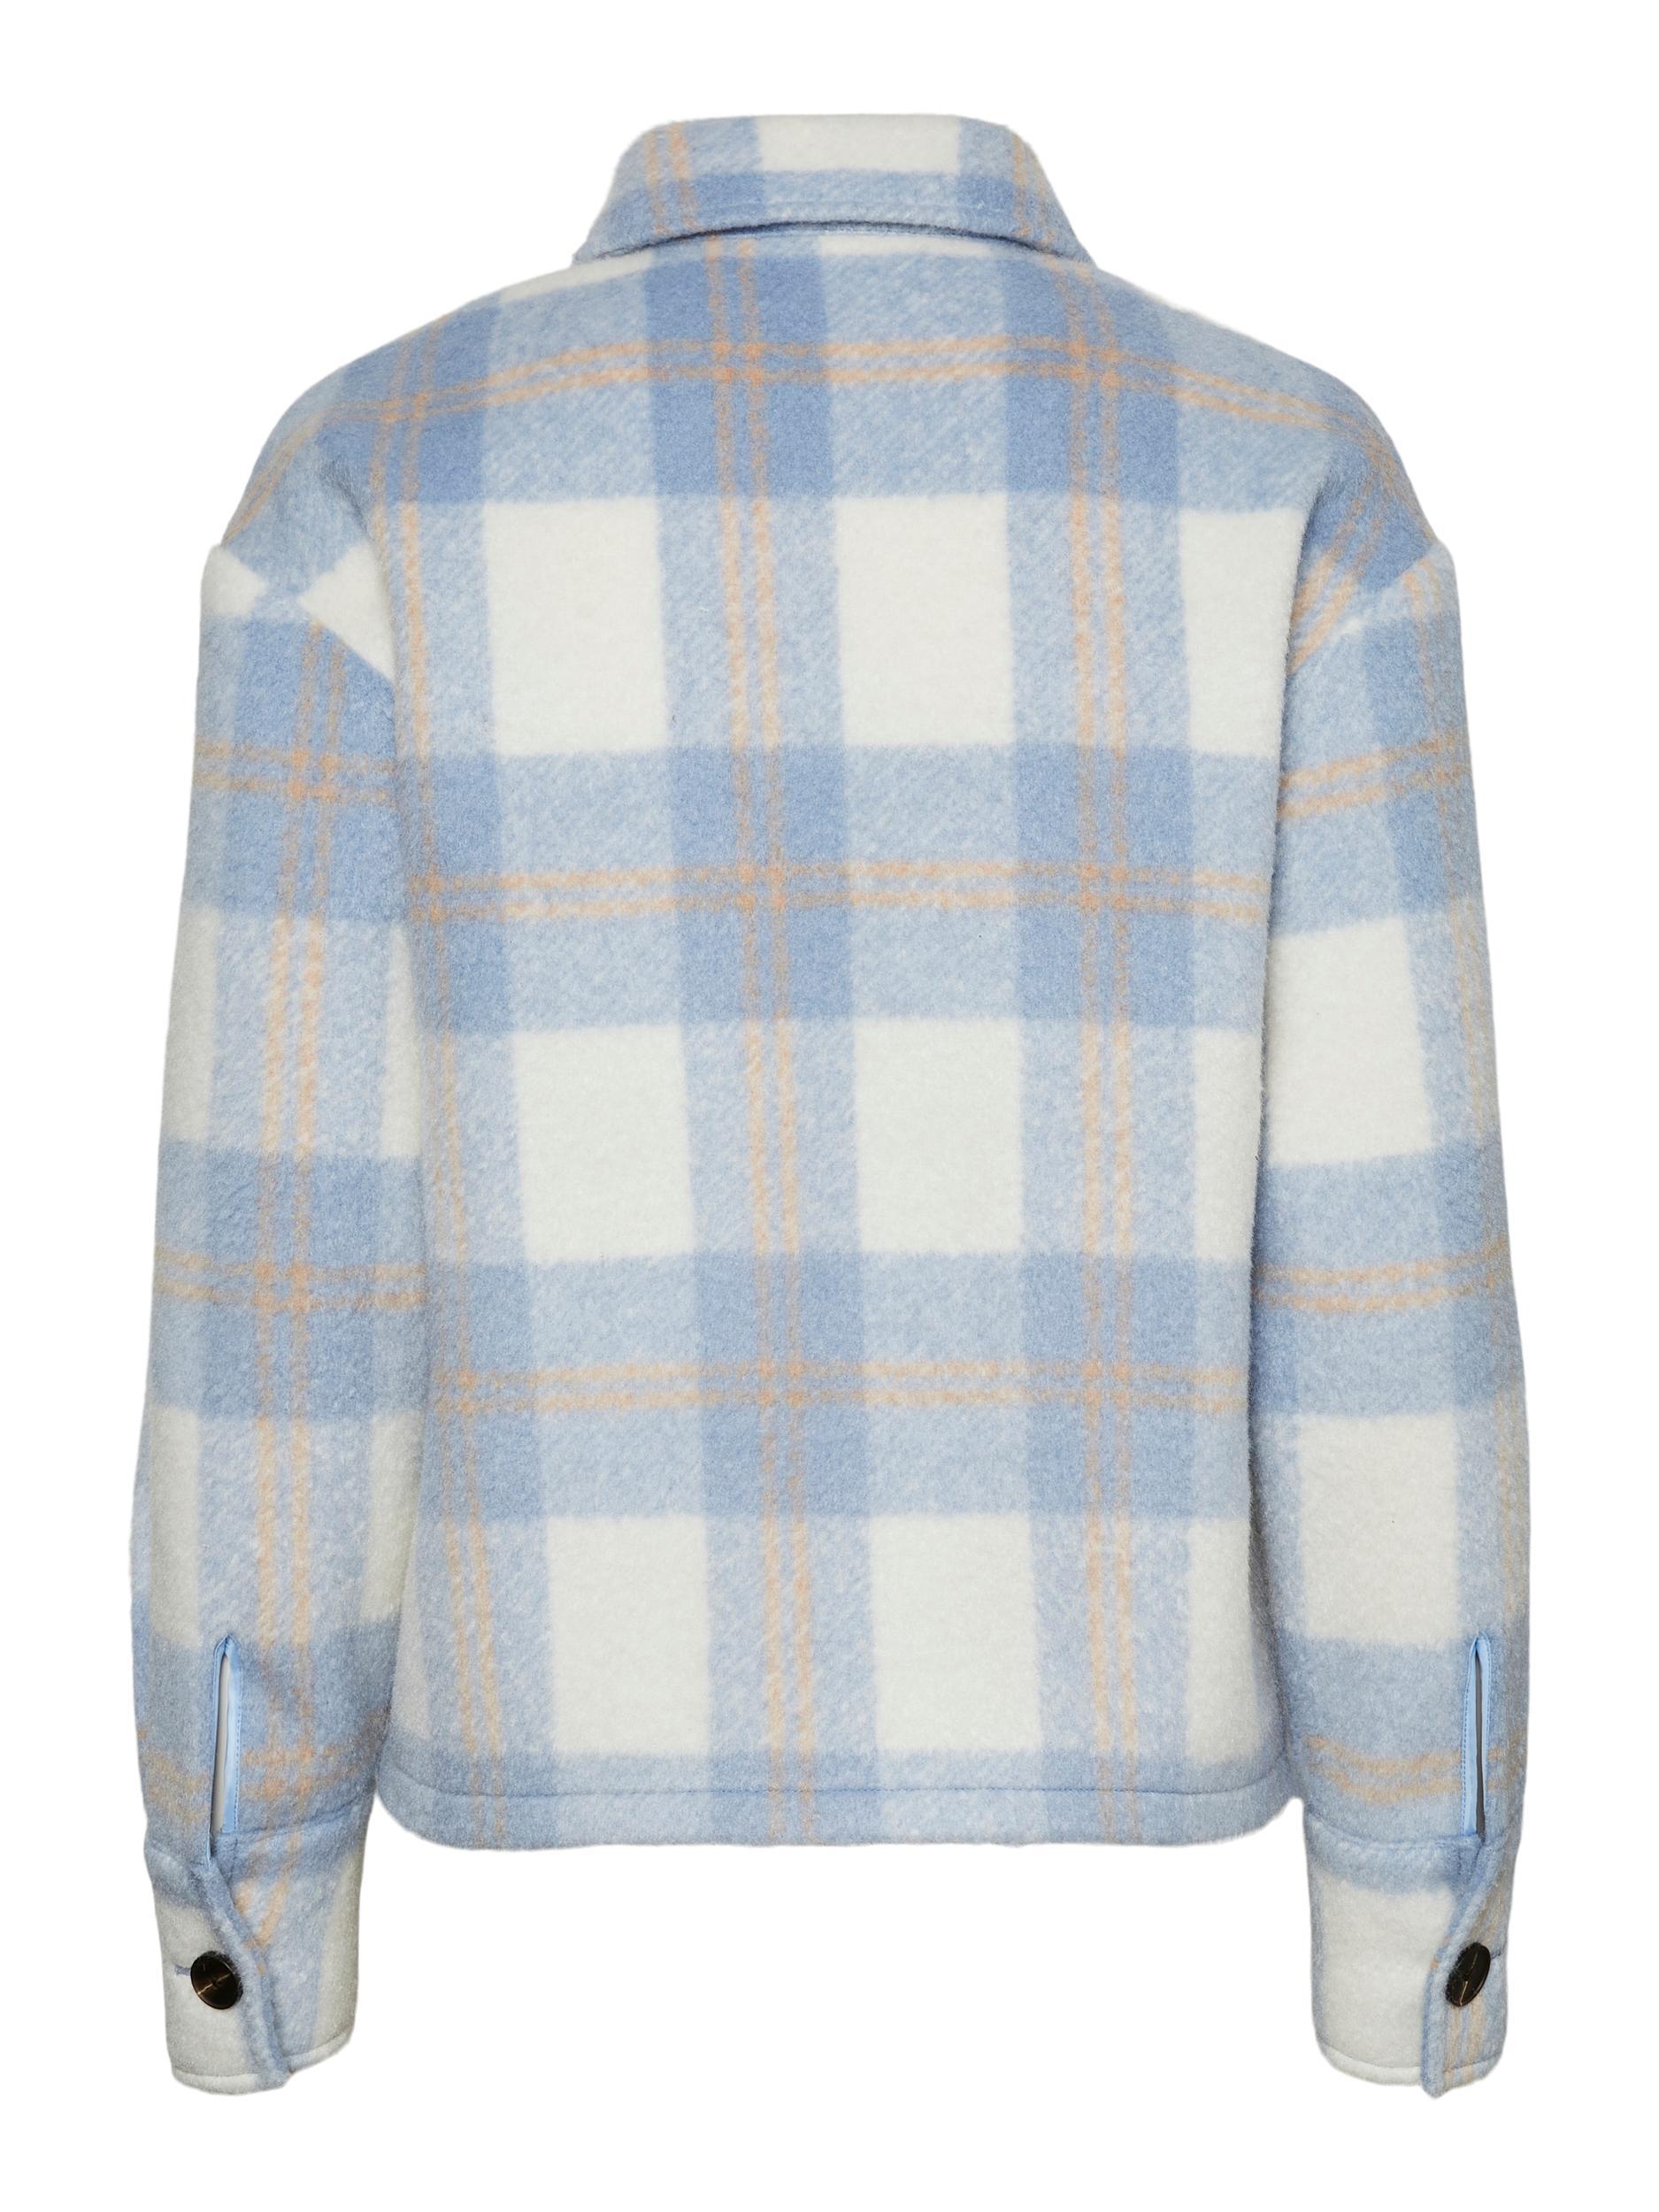 Vero Moda Pernille jakke, birch, x-large